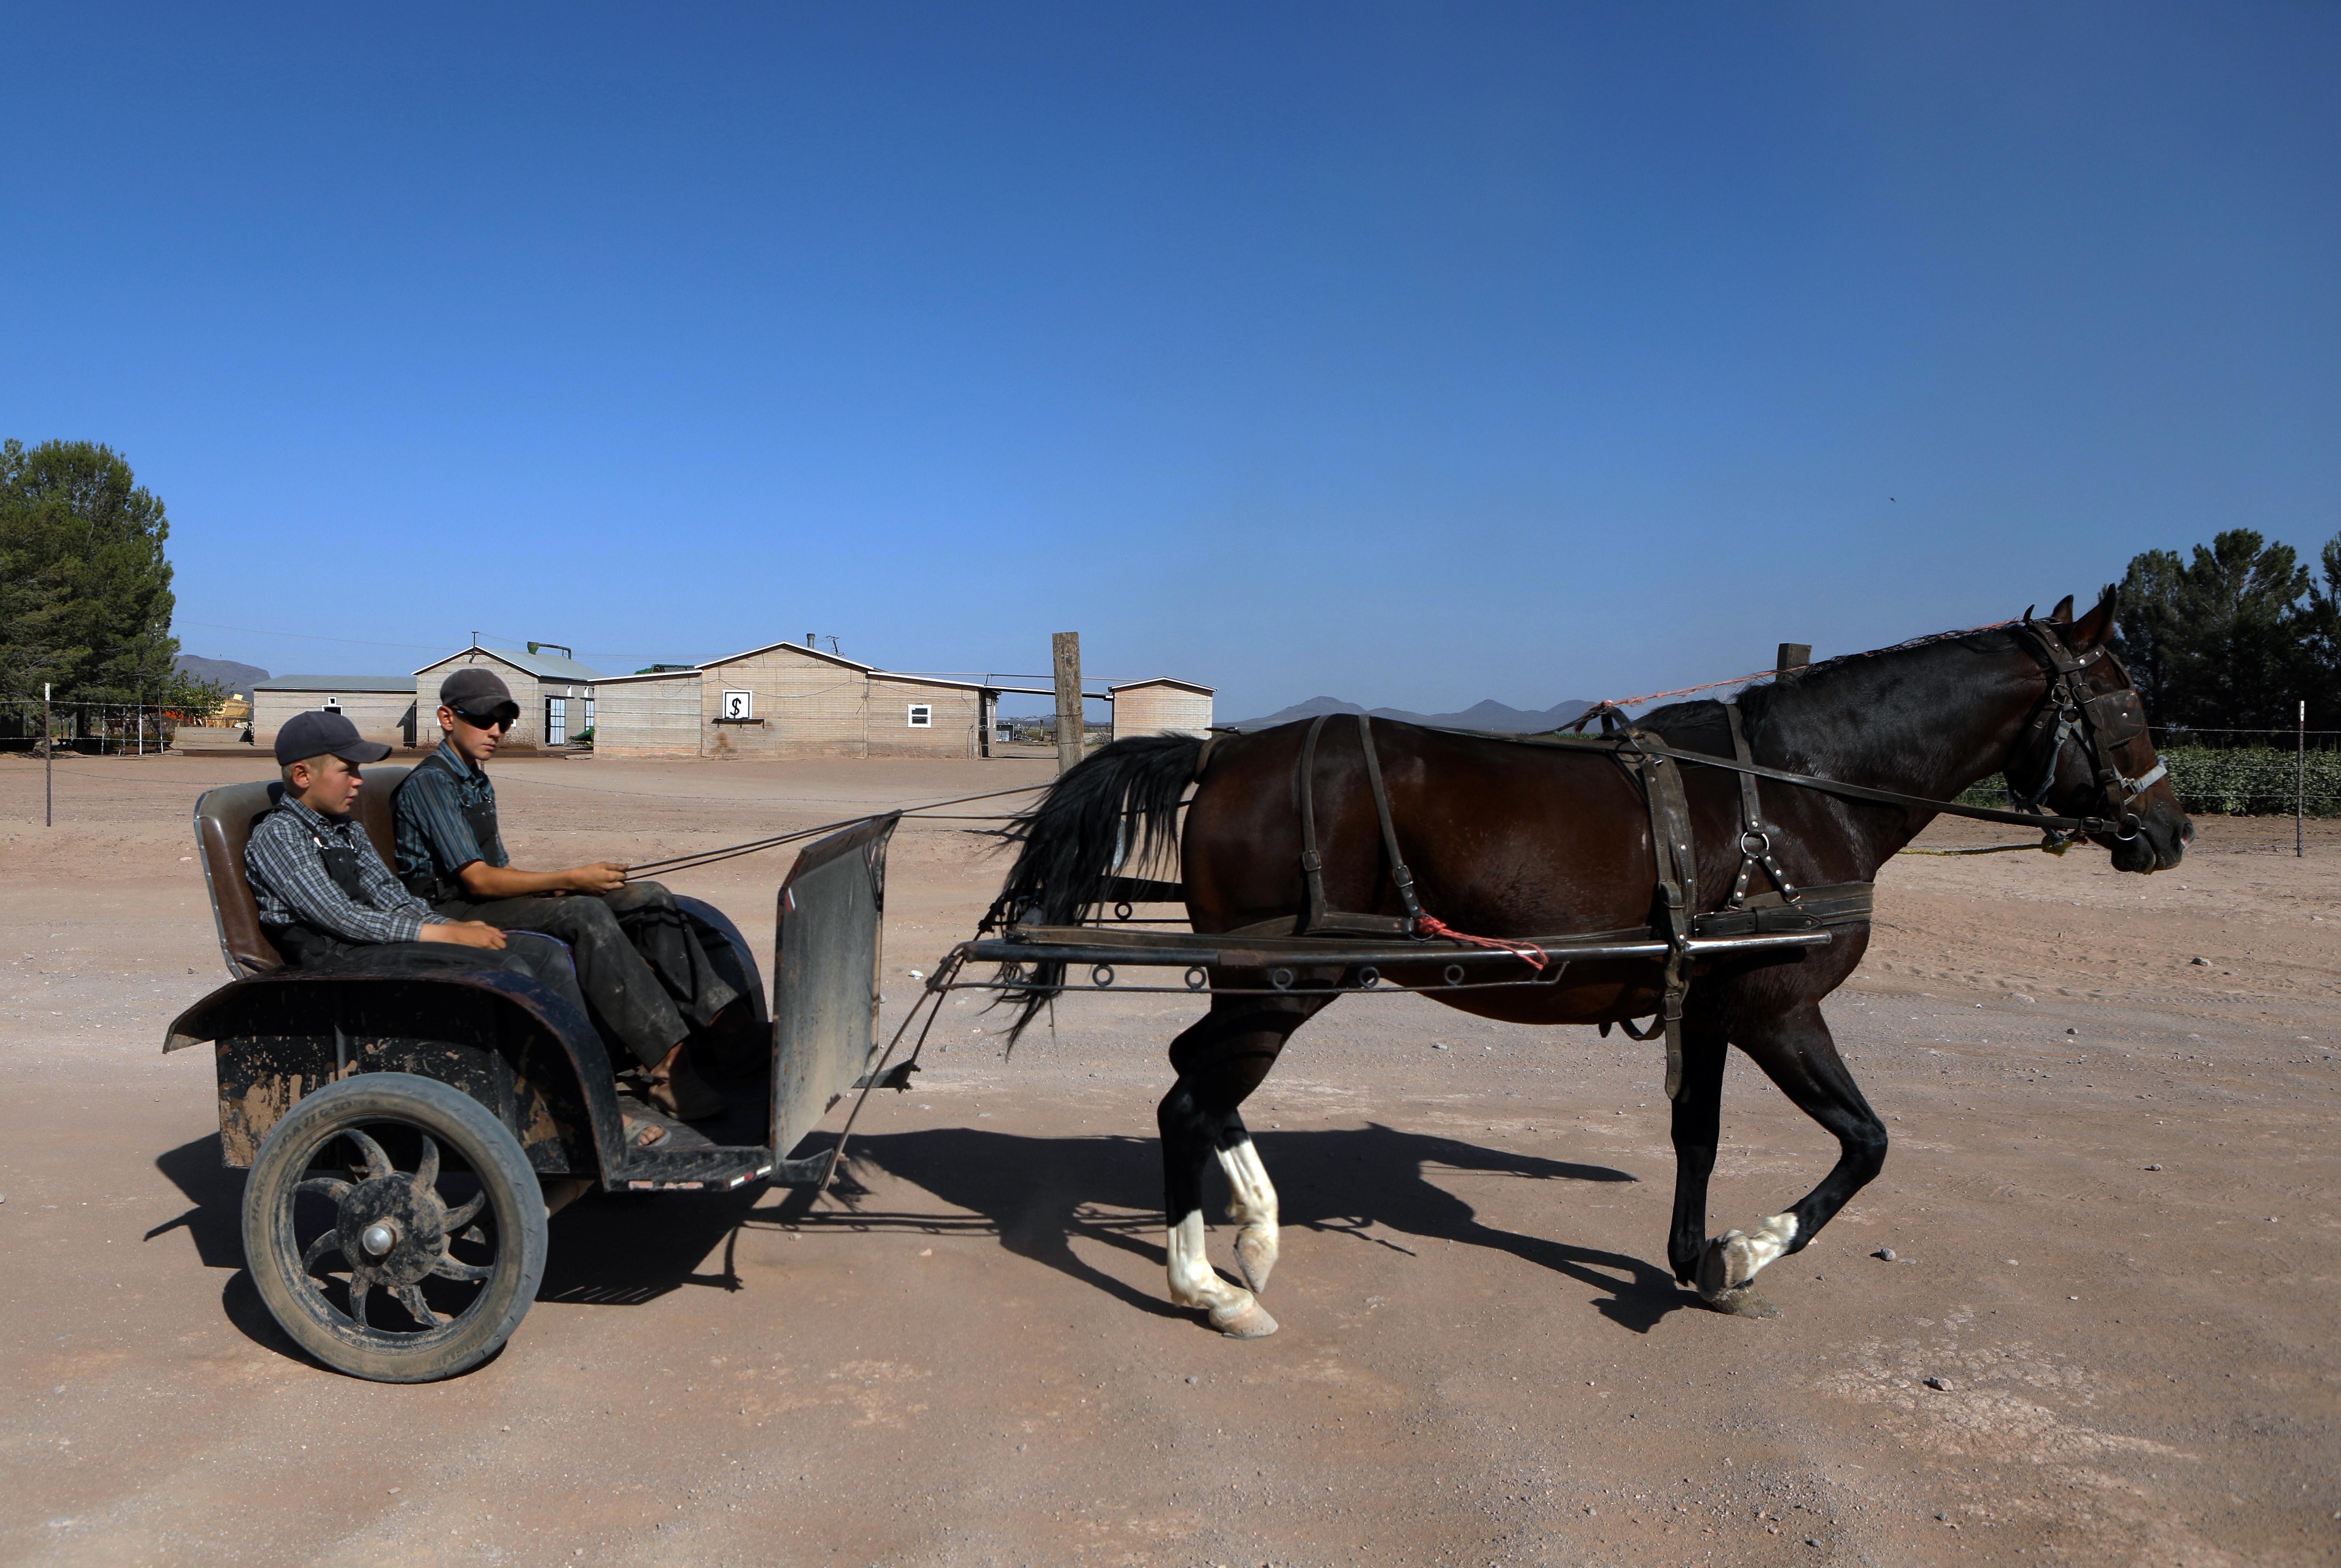 Jóvenes menonitas viajan en un carro tirado por caballos en una comunidad menonita en el municipio de Ascensión, estado de Chihuahua, México, el 26 de septiembre de 2020.